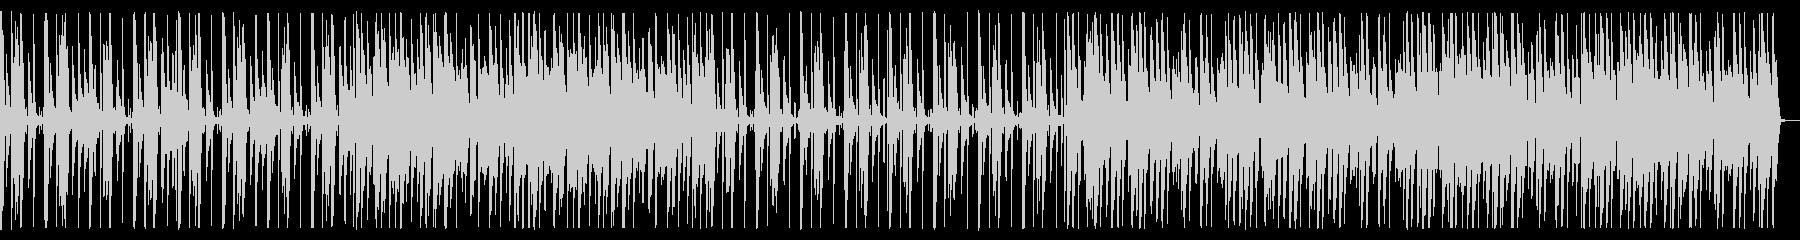 ほのぼの切ない_No660_1の未再生の波形